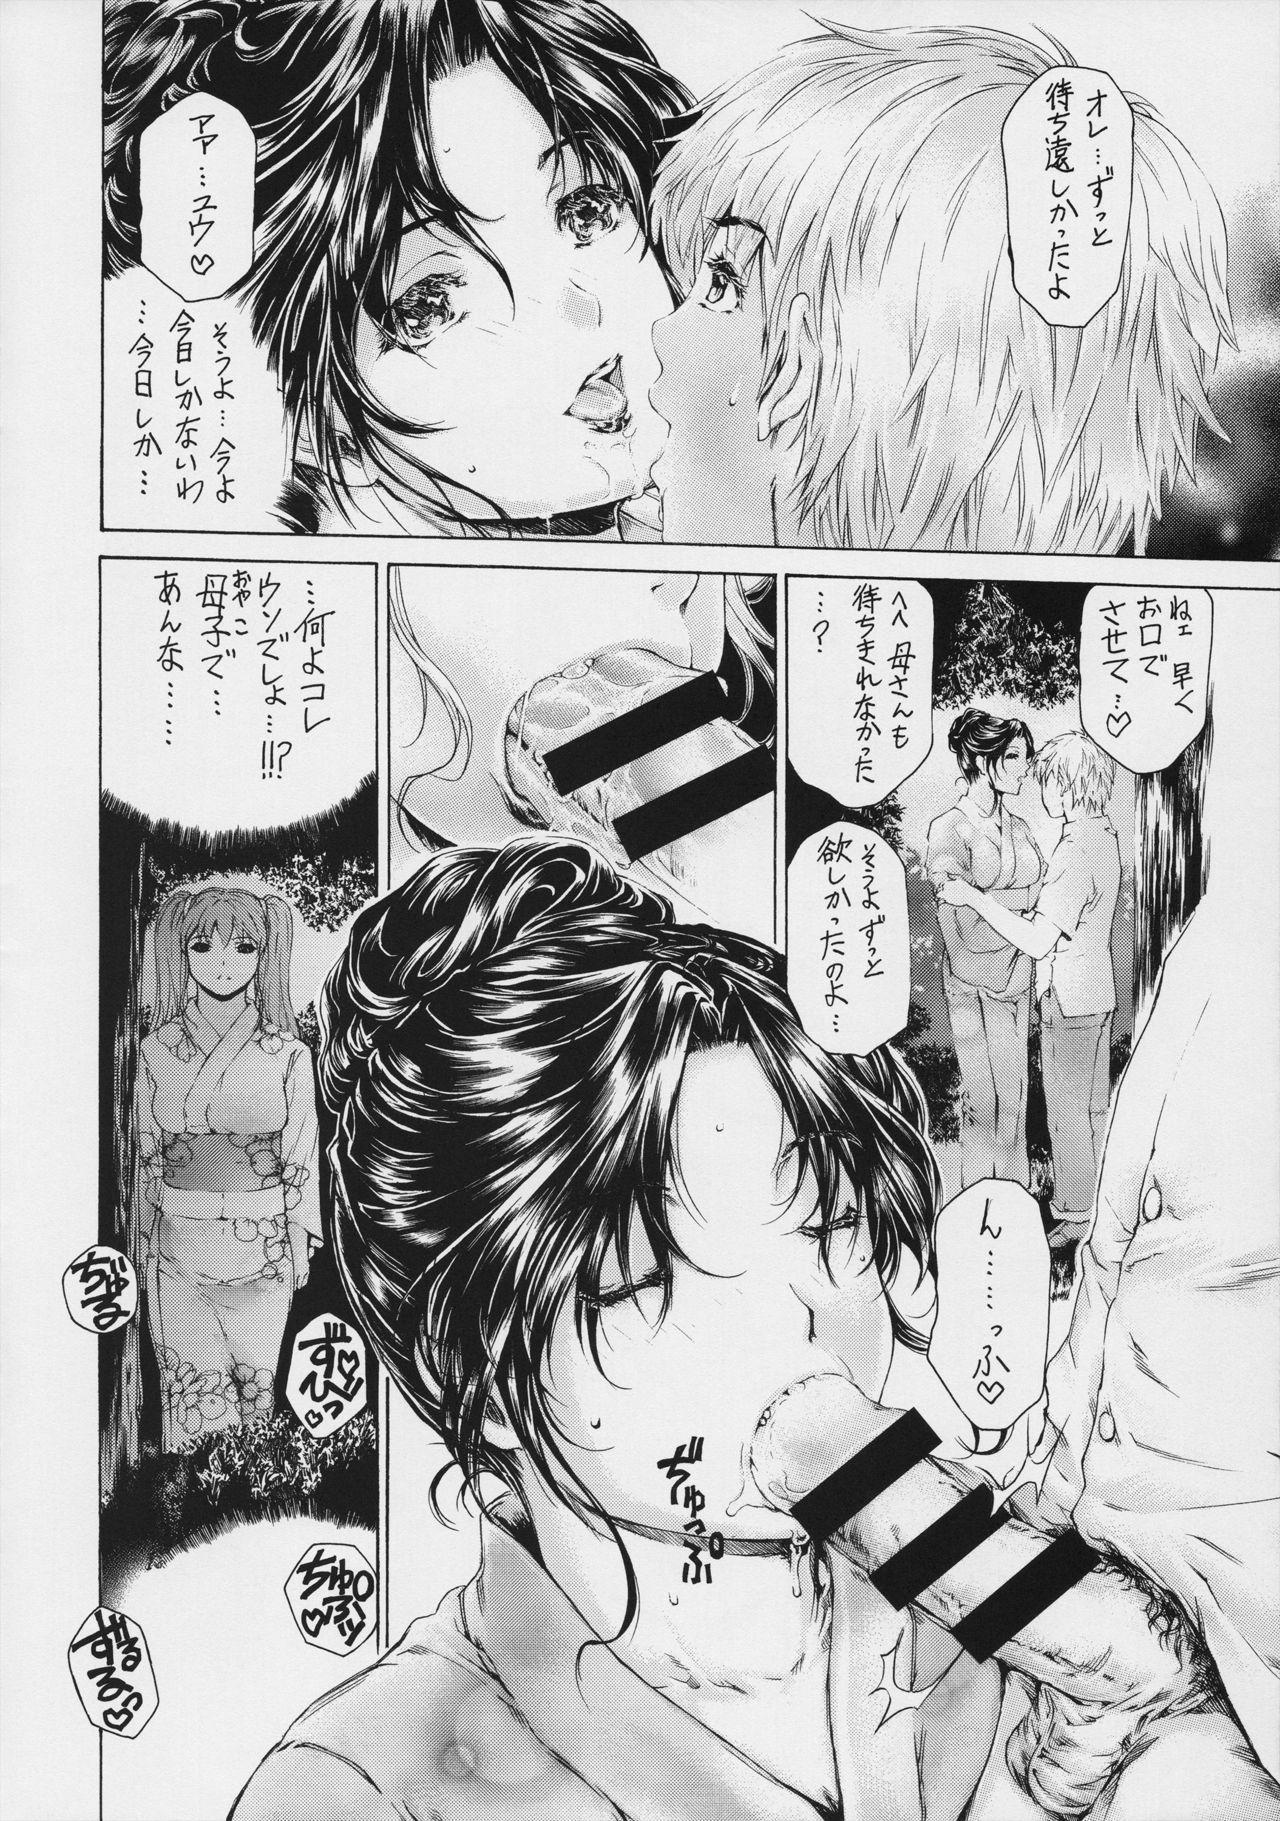 (COMIC1☆11) [Subesube 1kg (Narita Kyousha)] 9-Ji Kara 5-ji Made no Koibito Dai 9 wa - Nine to Five Lover 15